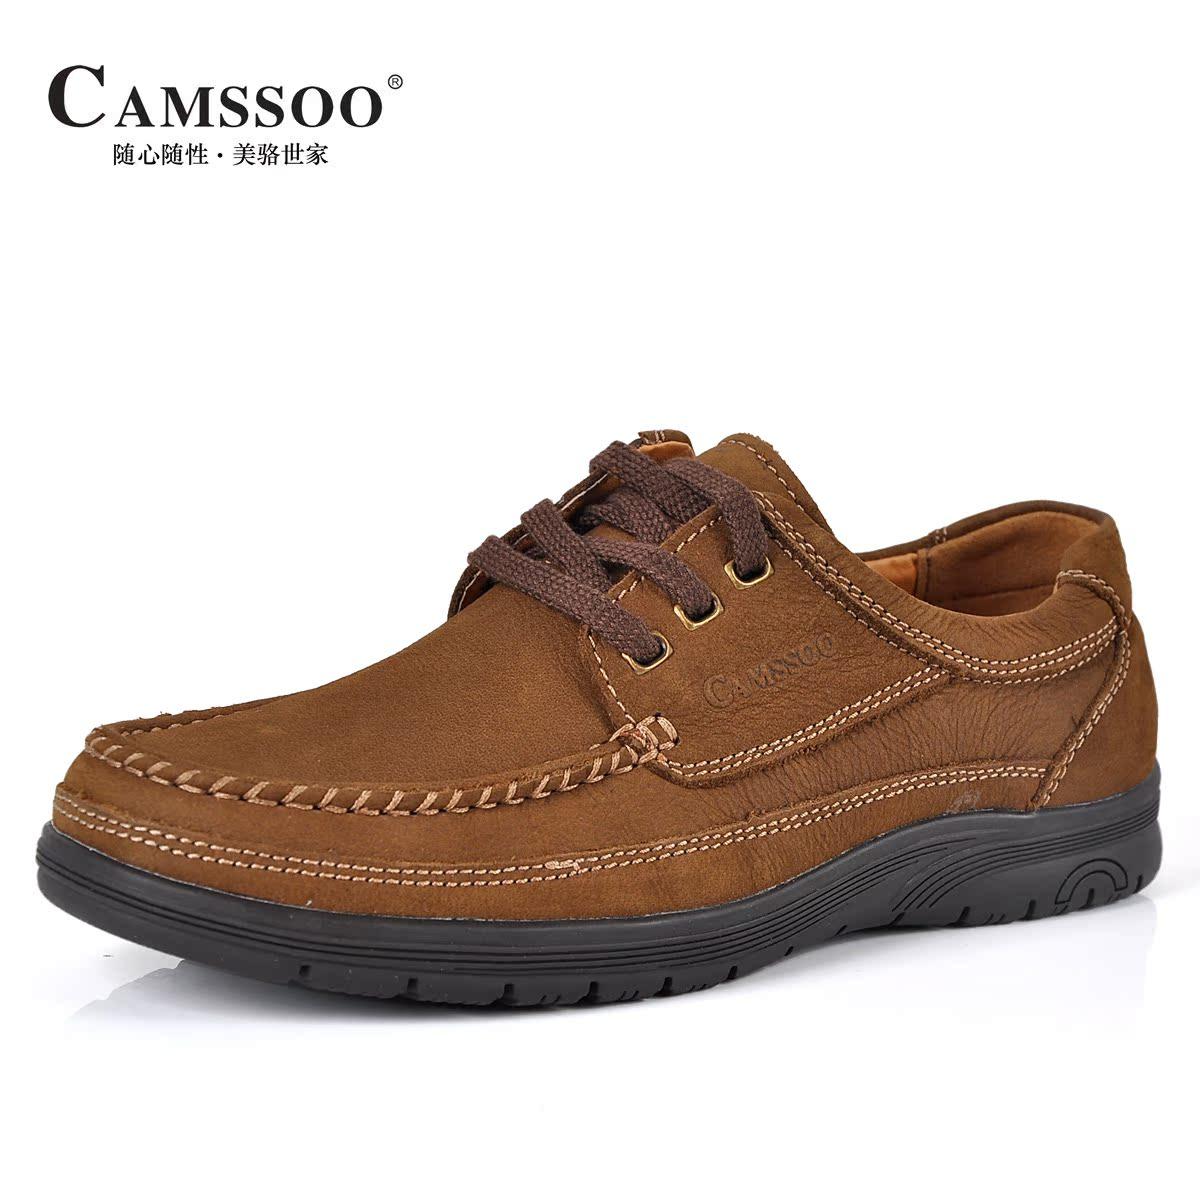 Мокасины, прогулочная обувь Camssoo 8514 Camssoo / America Luo family